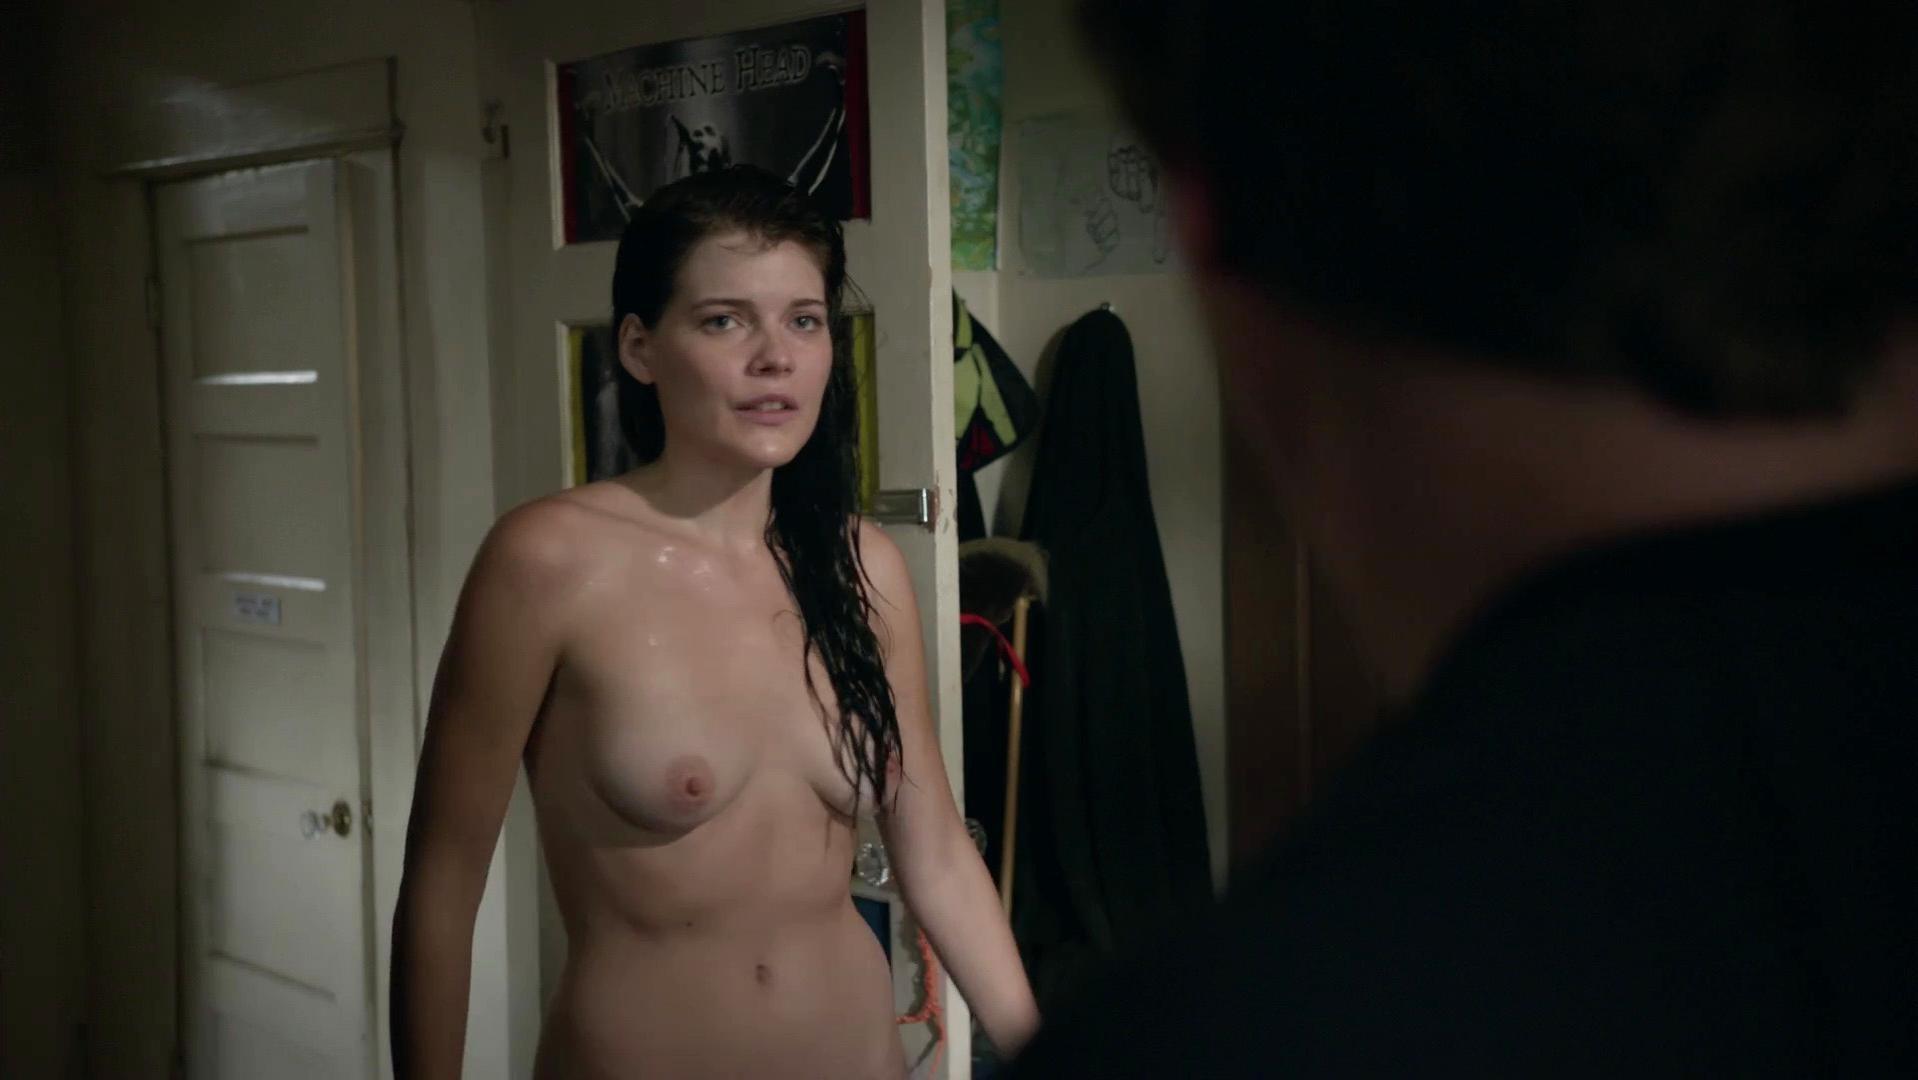 Naked wemon having sex together